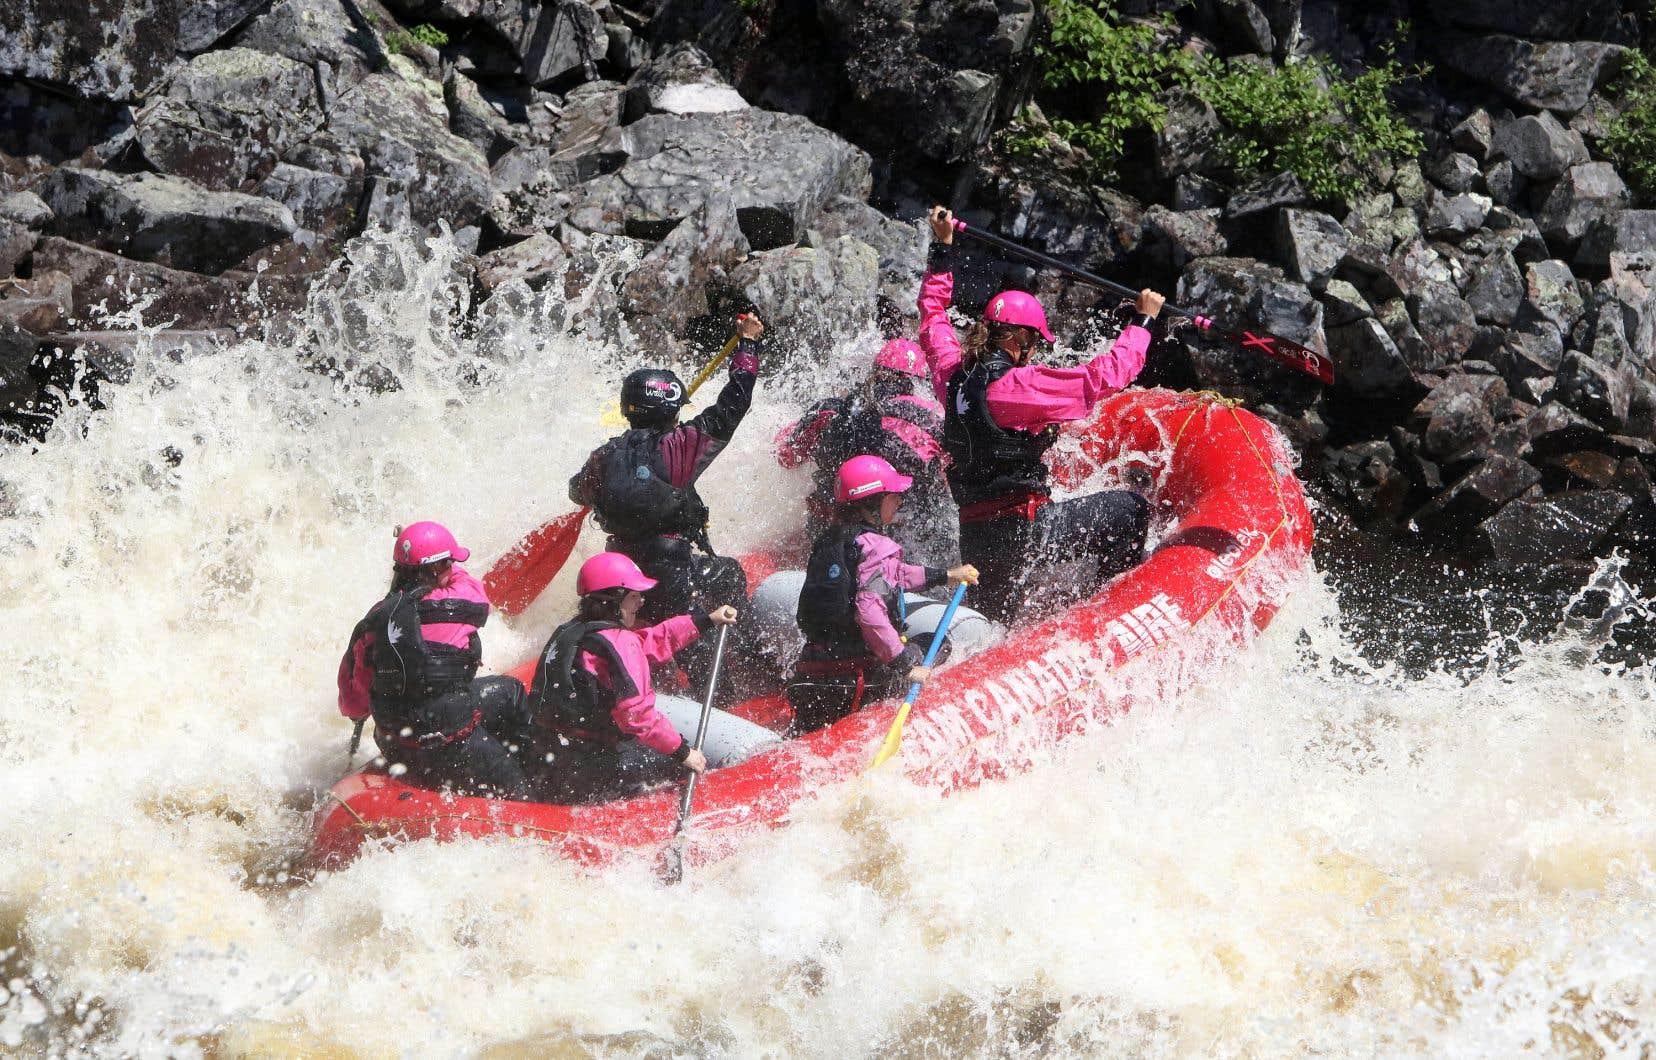 Rafting à l'événement Pink Water, «l'eau vive au féminin», créé au Saguenay–Lac-Saint-Jean en 2013 par de jeunes passionnées